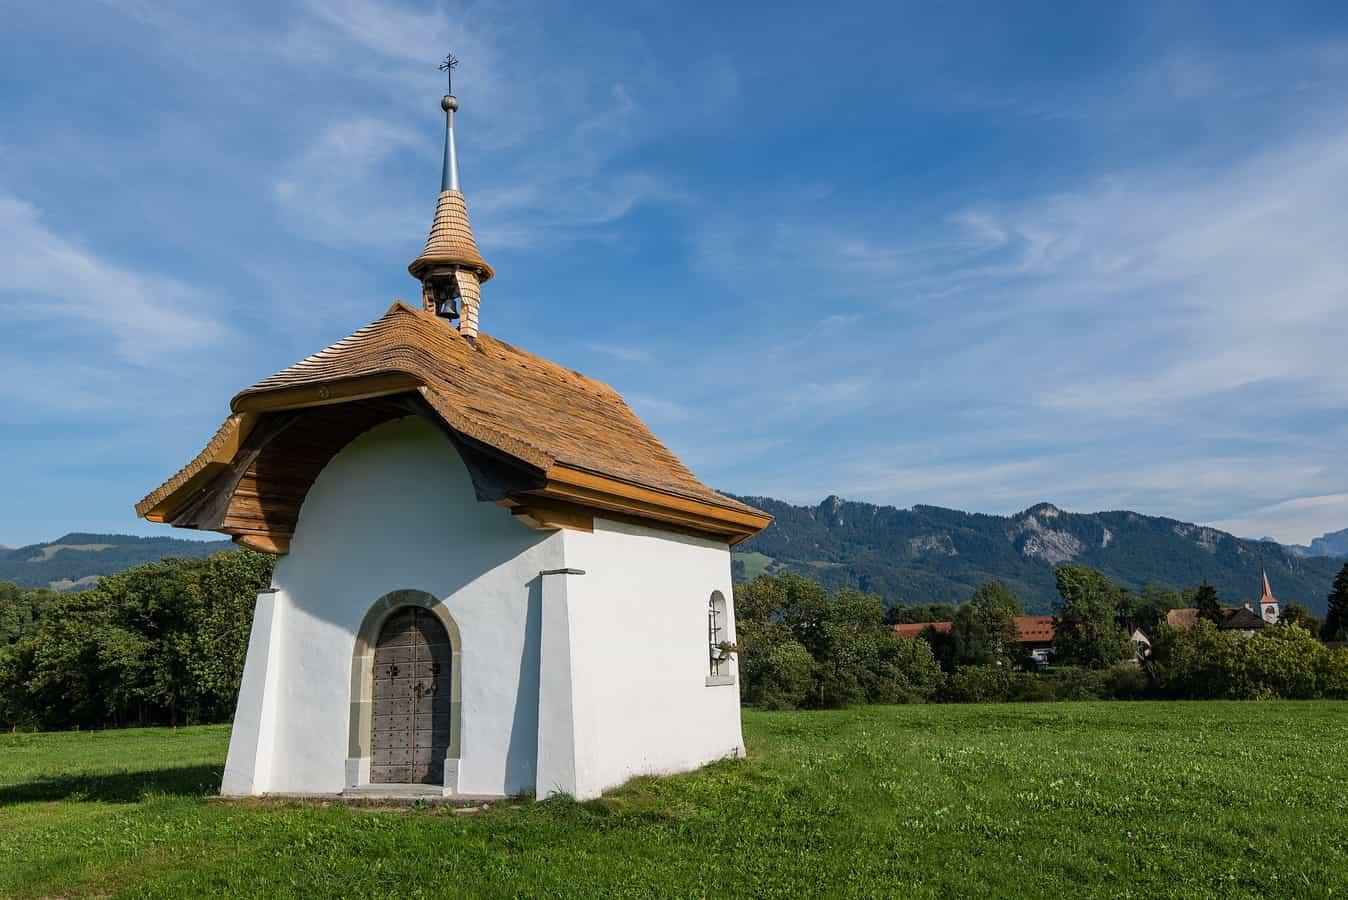 Chapelle St. Garin